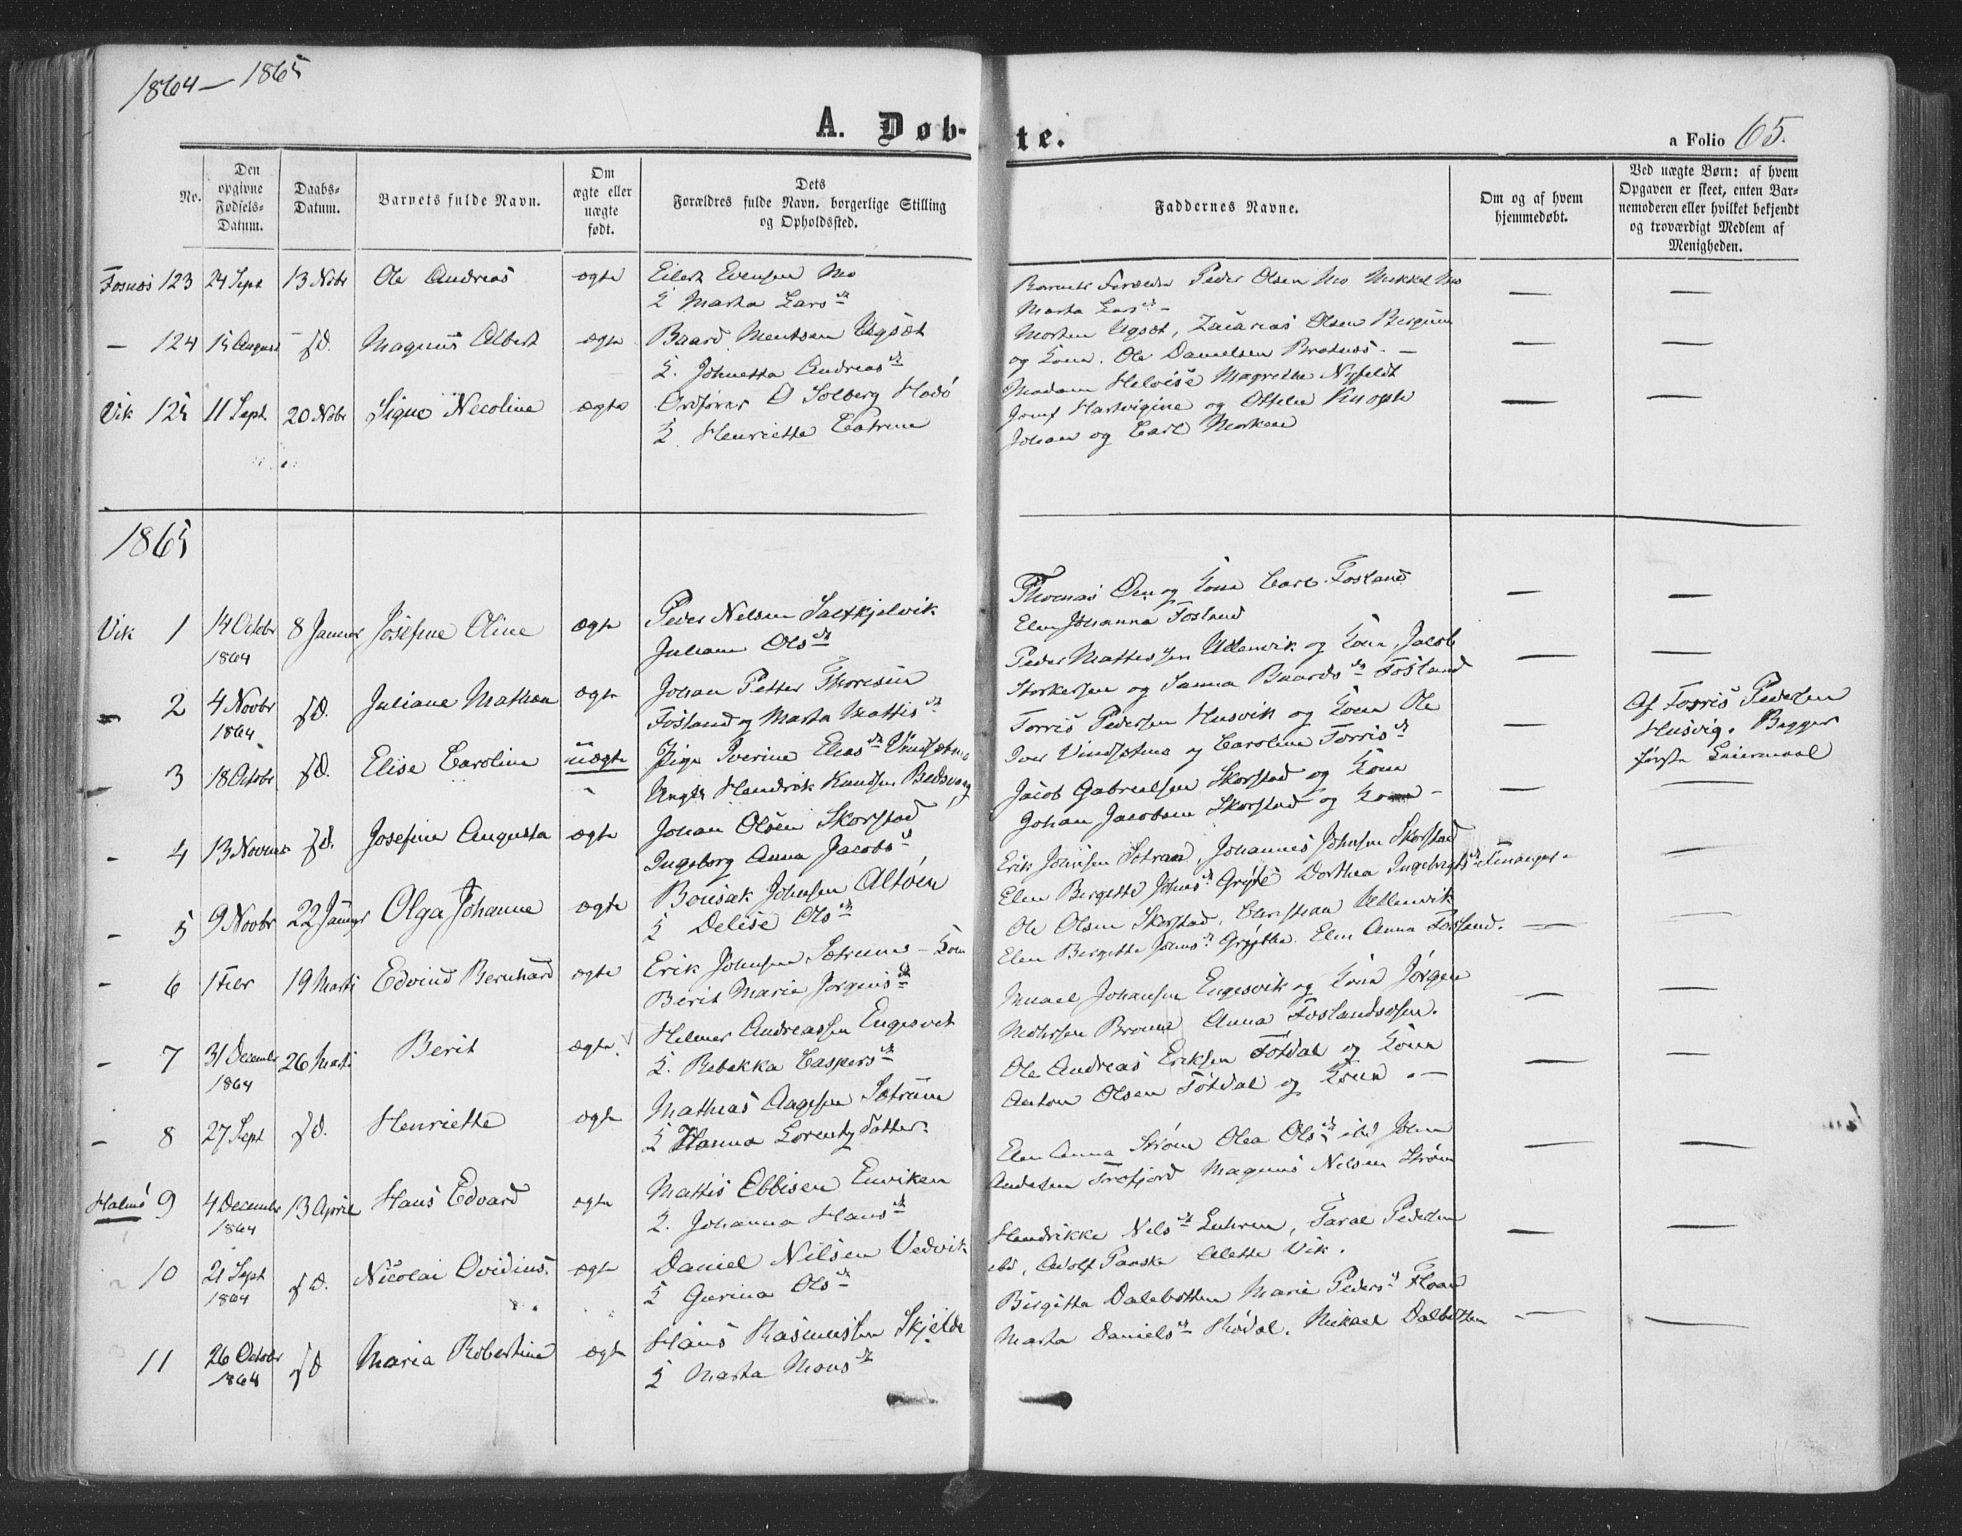 SAT, Ministerialprotokoller, klokkerbøker og fødselsregistre - Nord-Trøndelag, 773/L0615: Ministerialbok nr. 773A06, 1857-1870, s. 65